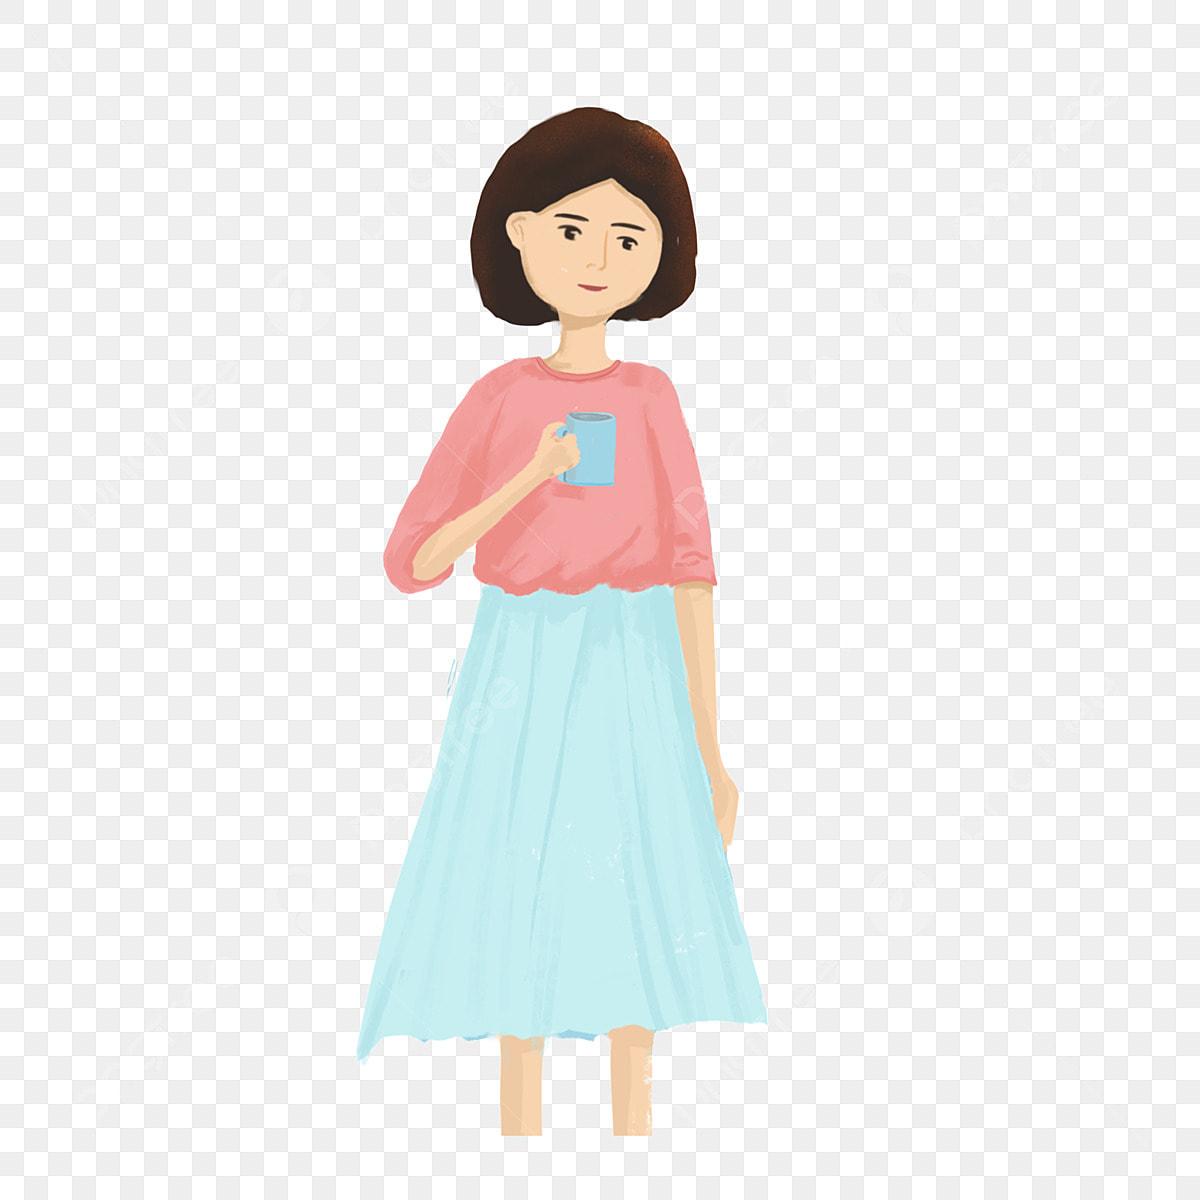 La Pequeña Chica De Dibujos Animados Bebe Agua, Vaso De Agua, Beber Agua,  Las Chicas Beben Agua PNG y PSD para Descargar Gratis | Pngtree